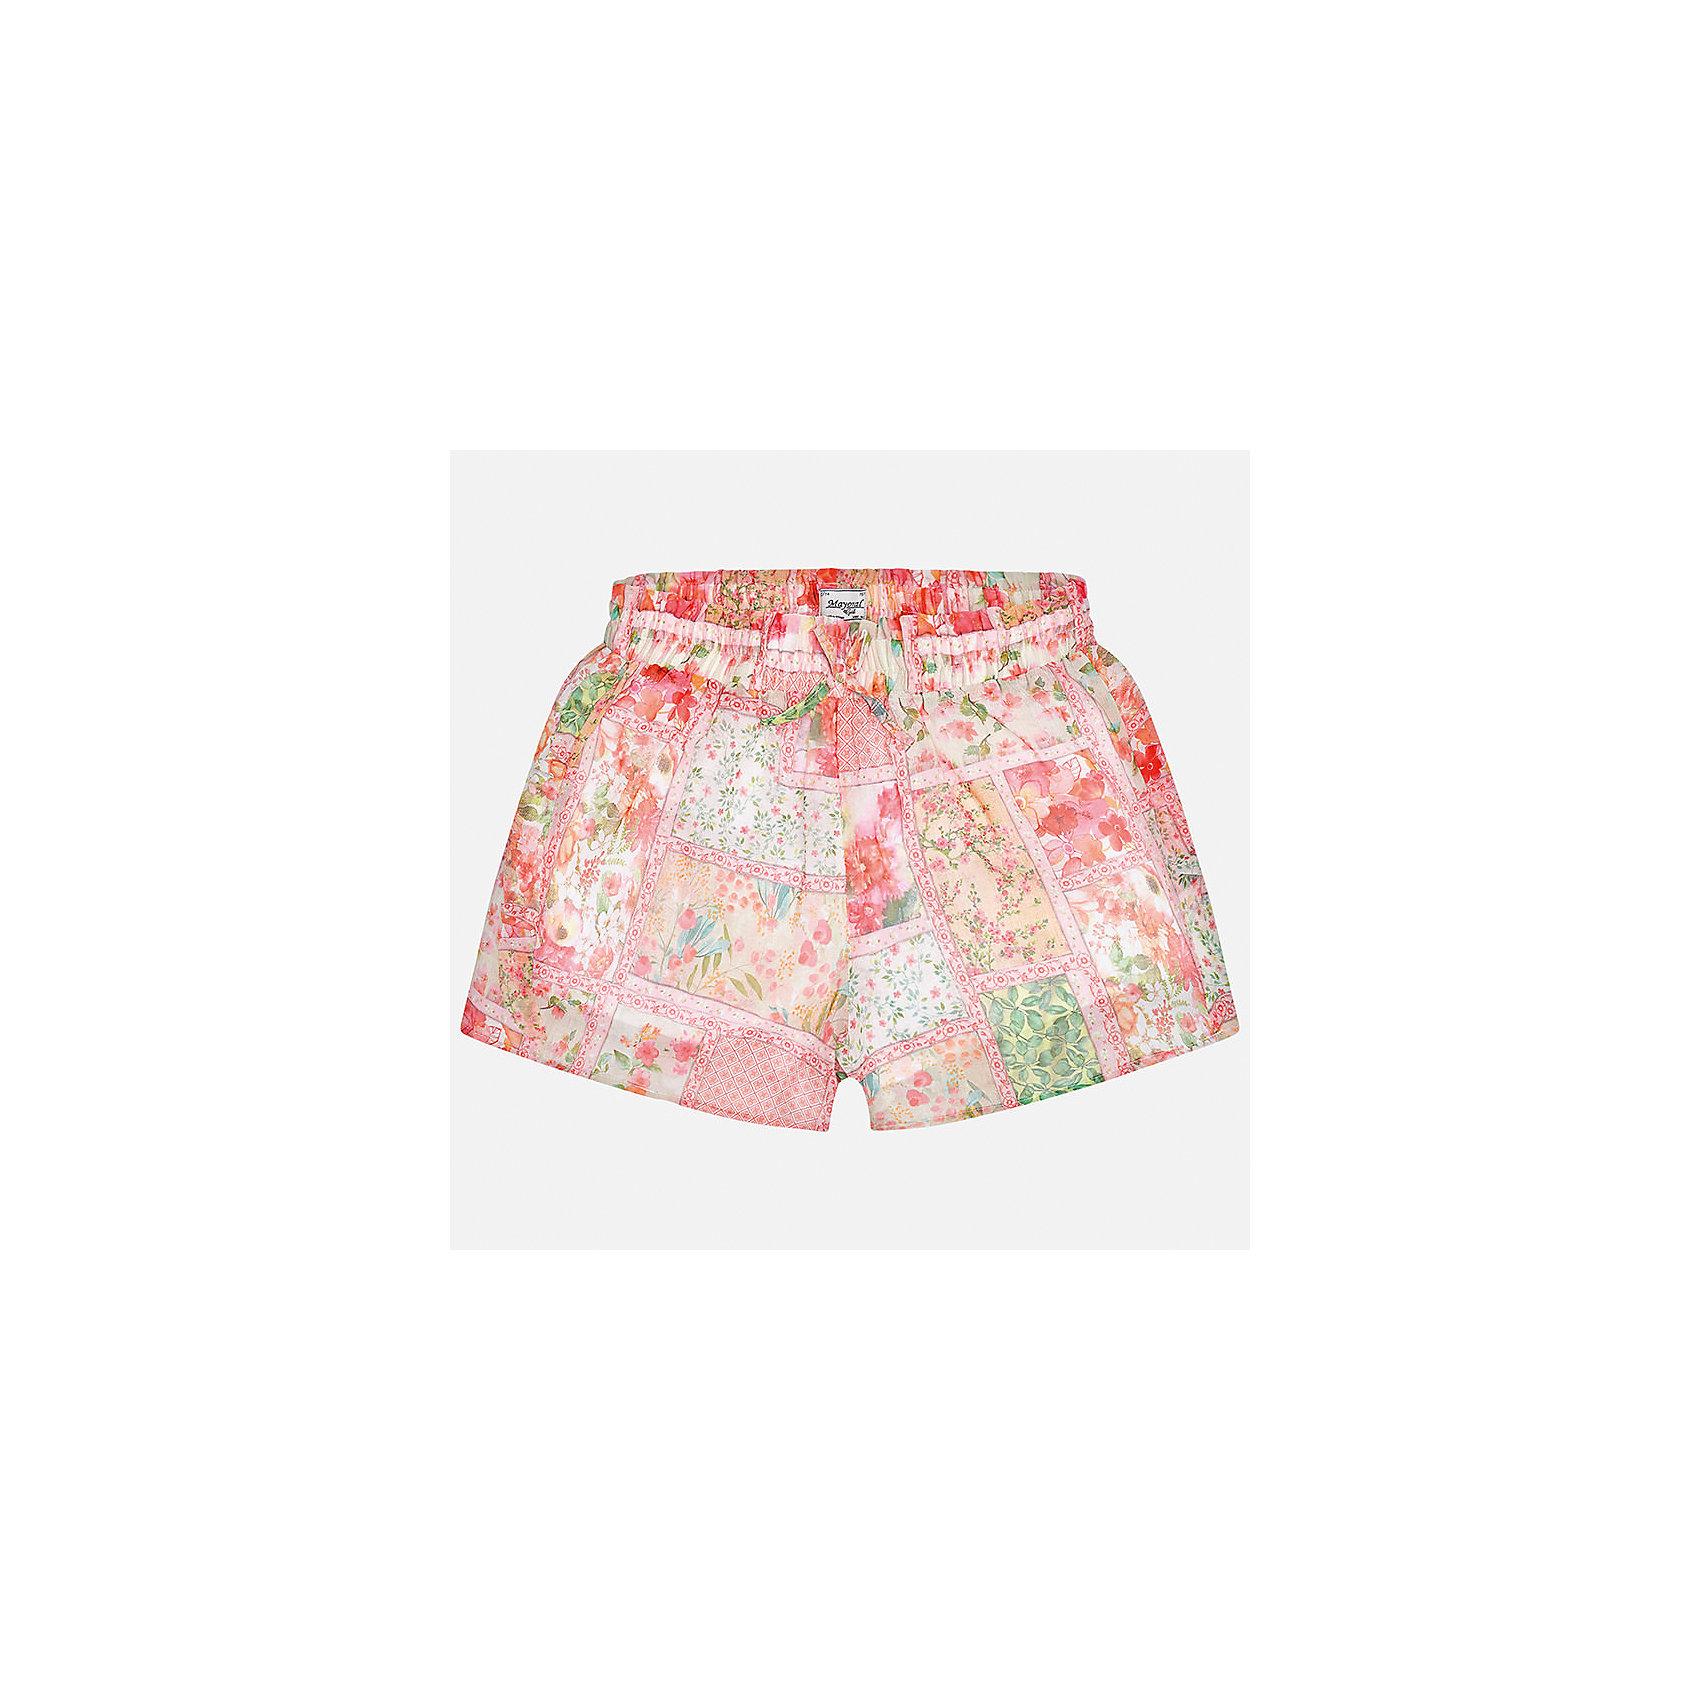 Шорты для девочки MayoralХарактеристики товара:<br><br>• цвет: мультиколор<br>• состав: 100% полиэстер, подкладка - 65% полиэстер, 35% хлопок<br>• свободный силуэт<br>• ткань с принтом<br>• пояс - на шнурке<br>• страна бренда: Испания<br><br>Удобные легкие шорты для девочки смогут разнообразить гардероб ребенка и украсить наряд. Они отлично сочетаются с майками, футболками. Красивый оттенок позволяет подобрать к вещи верх разных расцветок. Интересный крой модели делает её нарядной и оригинальной. <br><br>Одежда, обувь и аксессуары от испанского бренда Mayoral полюбились детям и взрослым по всему миру. Модели этой марки - стильные и удобные. Для их производства используются только безопасные, качественные материалы и фурнитура. Порадуйте ребенка модными и красивыми вещами от Mayoral! <br><br>Шорты для девочки от испанского бренда Mayoral (Майорал) можно купить в нашем интернет-магазине.<br><br>Ширина мм: 191<br>Глубина мм: 10<br>Высота мм: 175<br>Вес г: 273<br>Цвет: оранжевый<br>Возраст от месяцев: 156<br>Возраст до месяцев: 168<br>Пол: Женский<br>Возраст: Детский<br>Размер: 164,128/134,140,152,158<br>SKU: 5292706